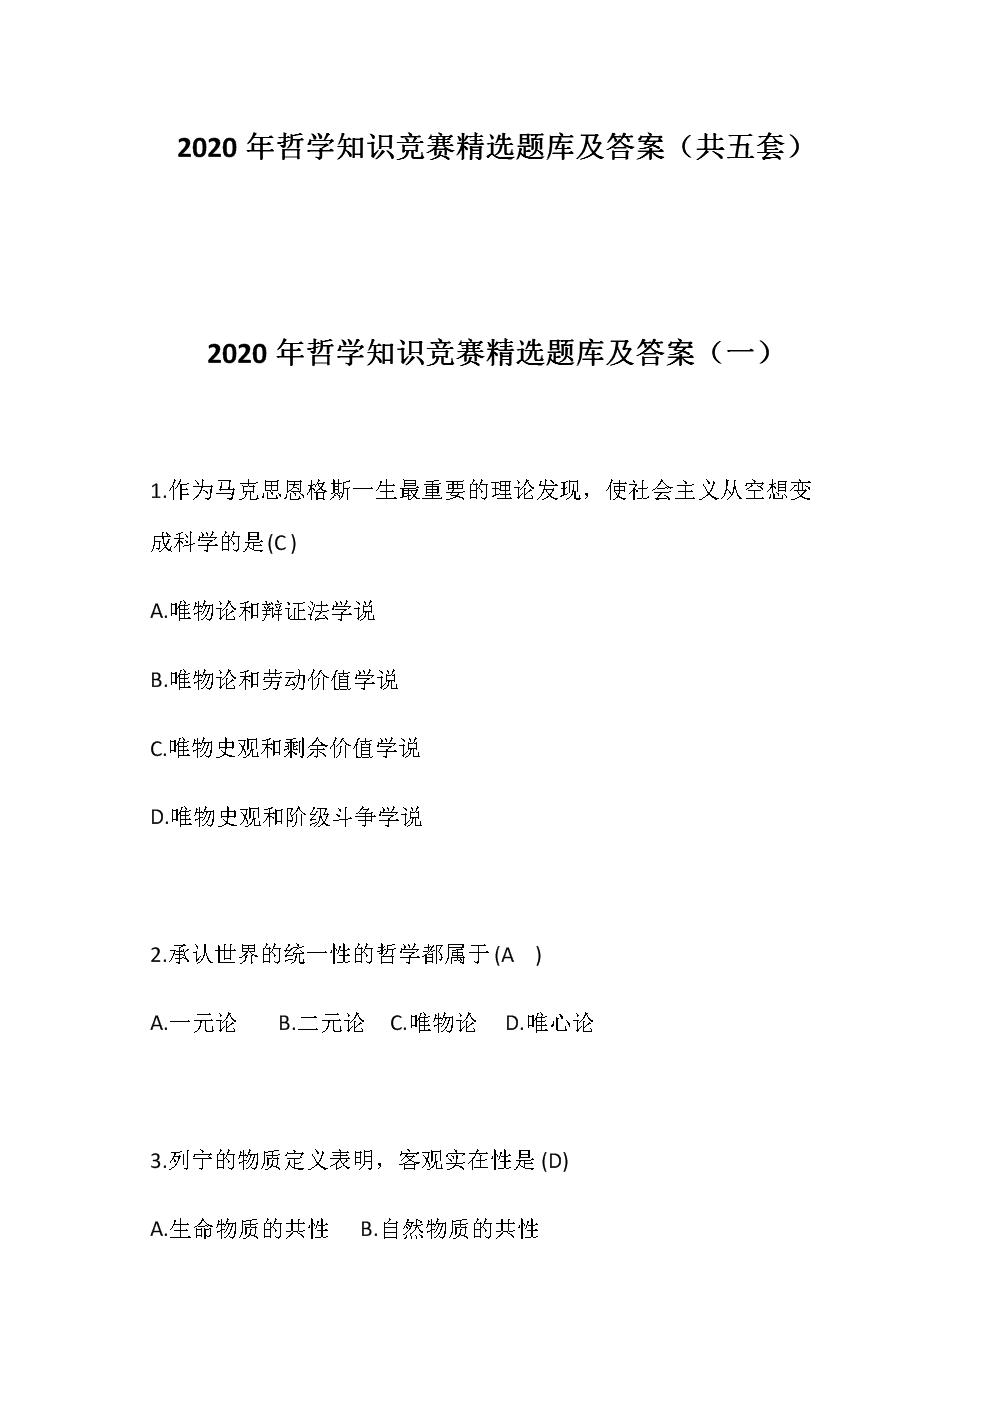 2020年哲学知识竞赛精选题库及答案(共五套).docx